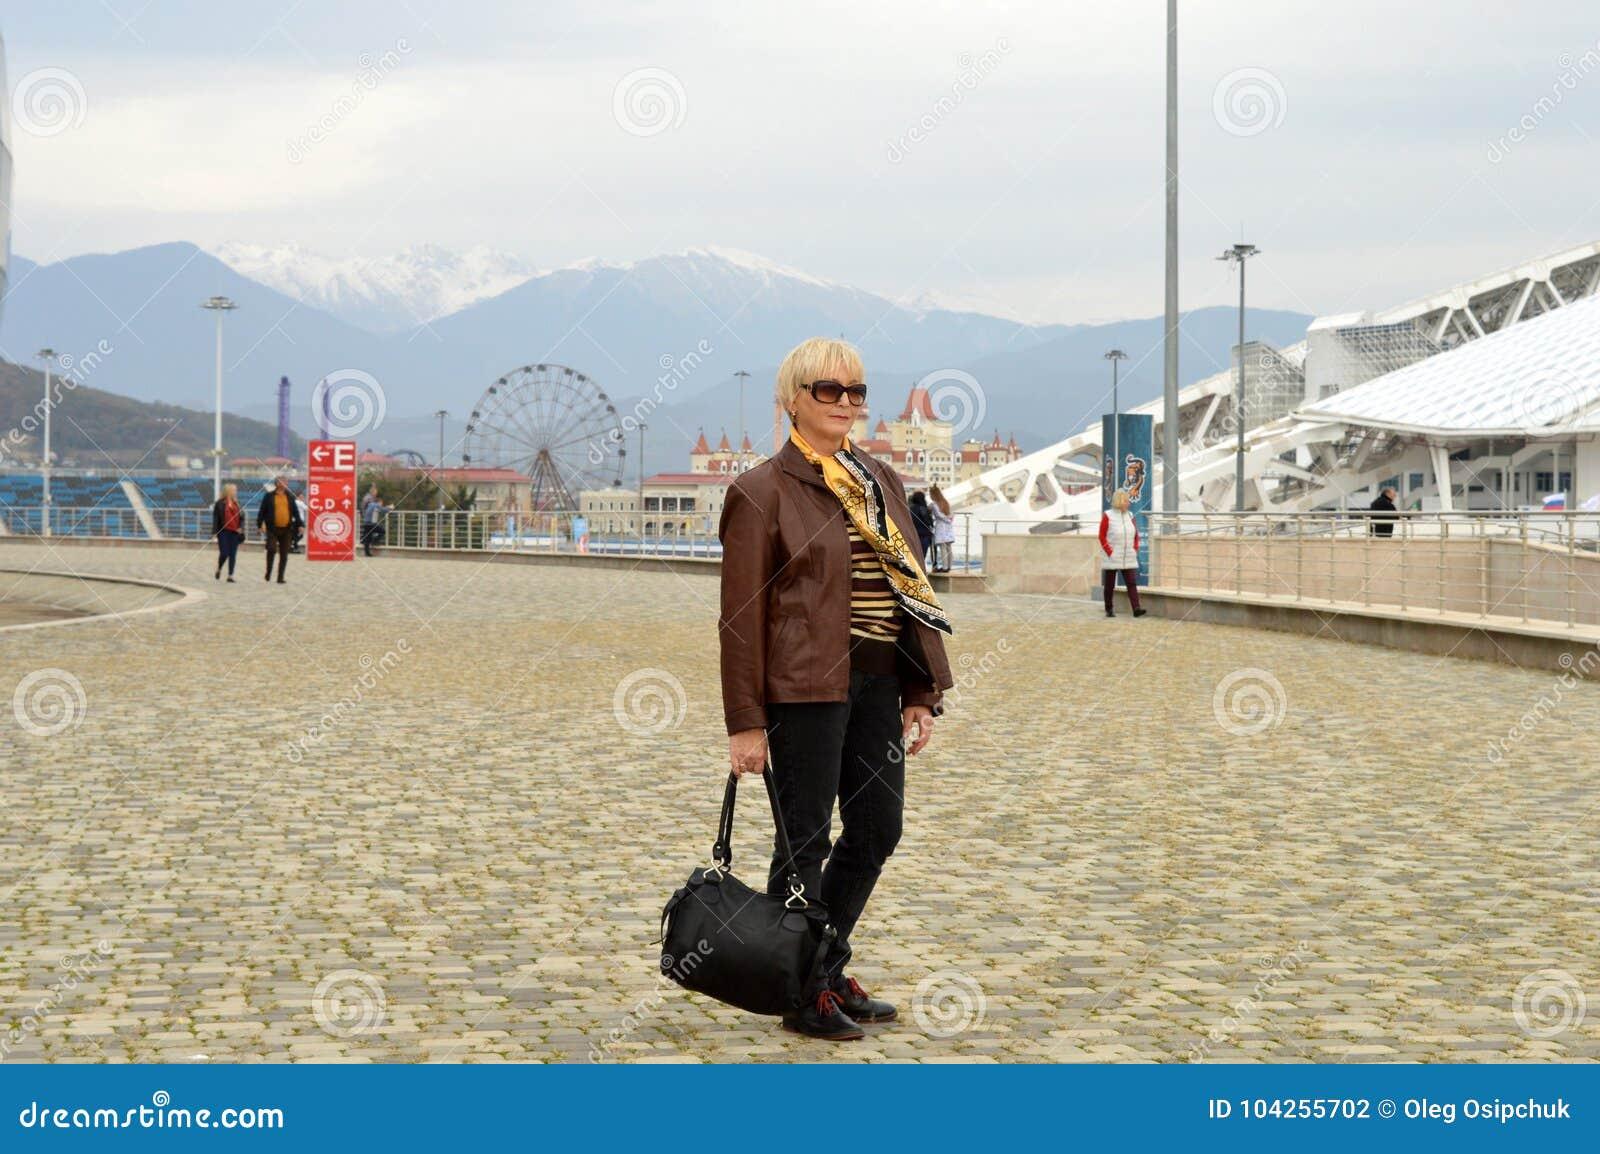 Die Frau auf dem Hintergrund von schneebedeckten Anziehungskräften